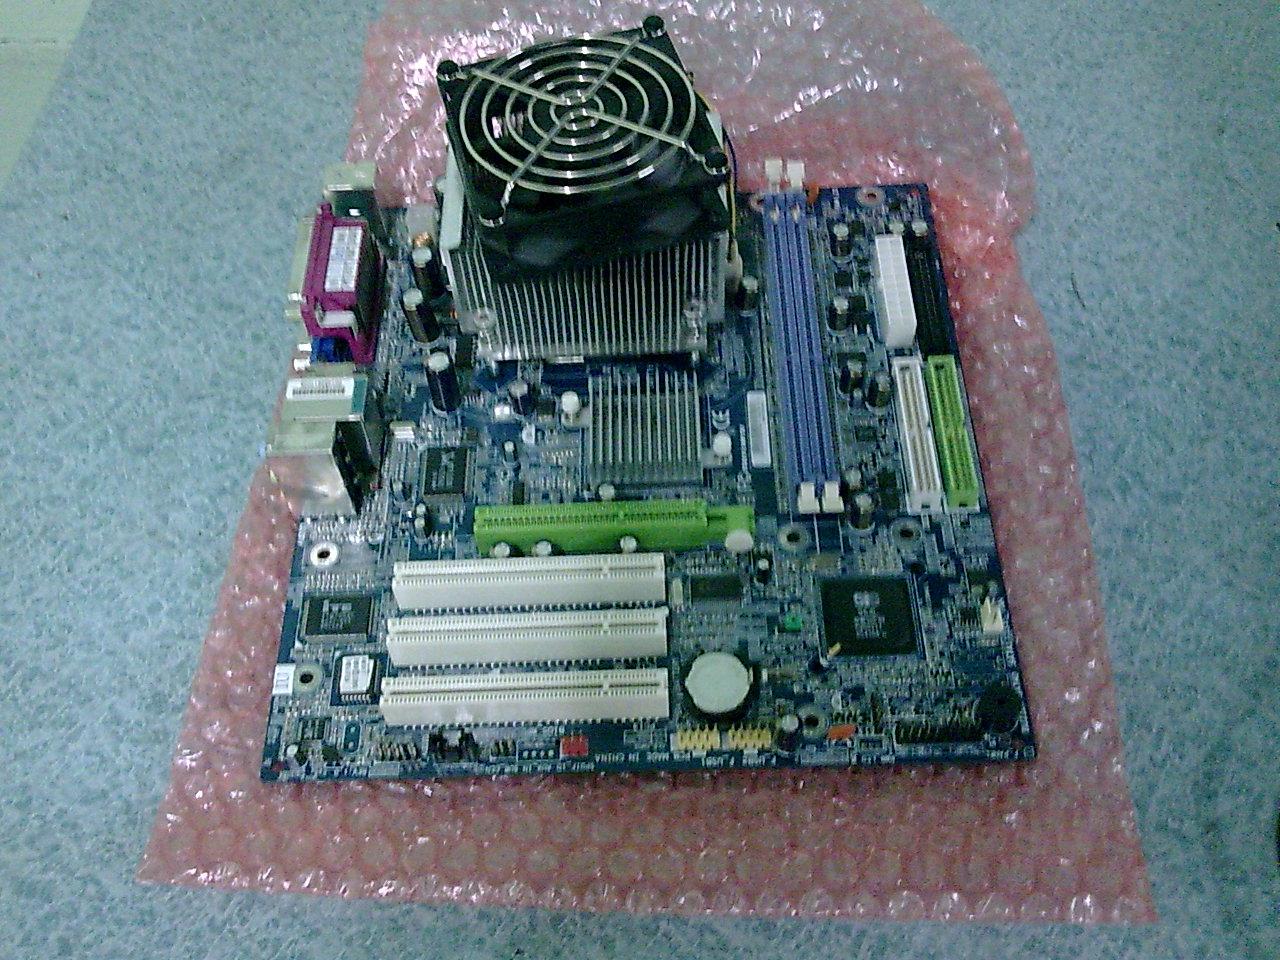 Motherboard murah-murah di bundlepc, motherboard terpakai branded, membekal motherboard